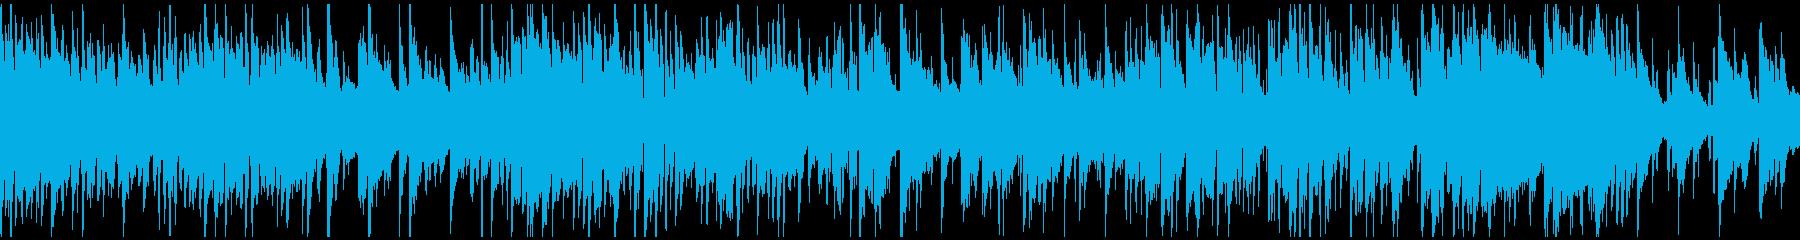 クールな雰囲気のクラブジャズ ※ループ版の再生済みの波形